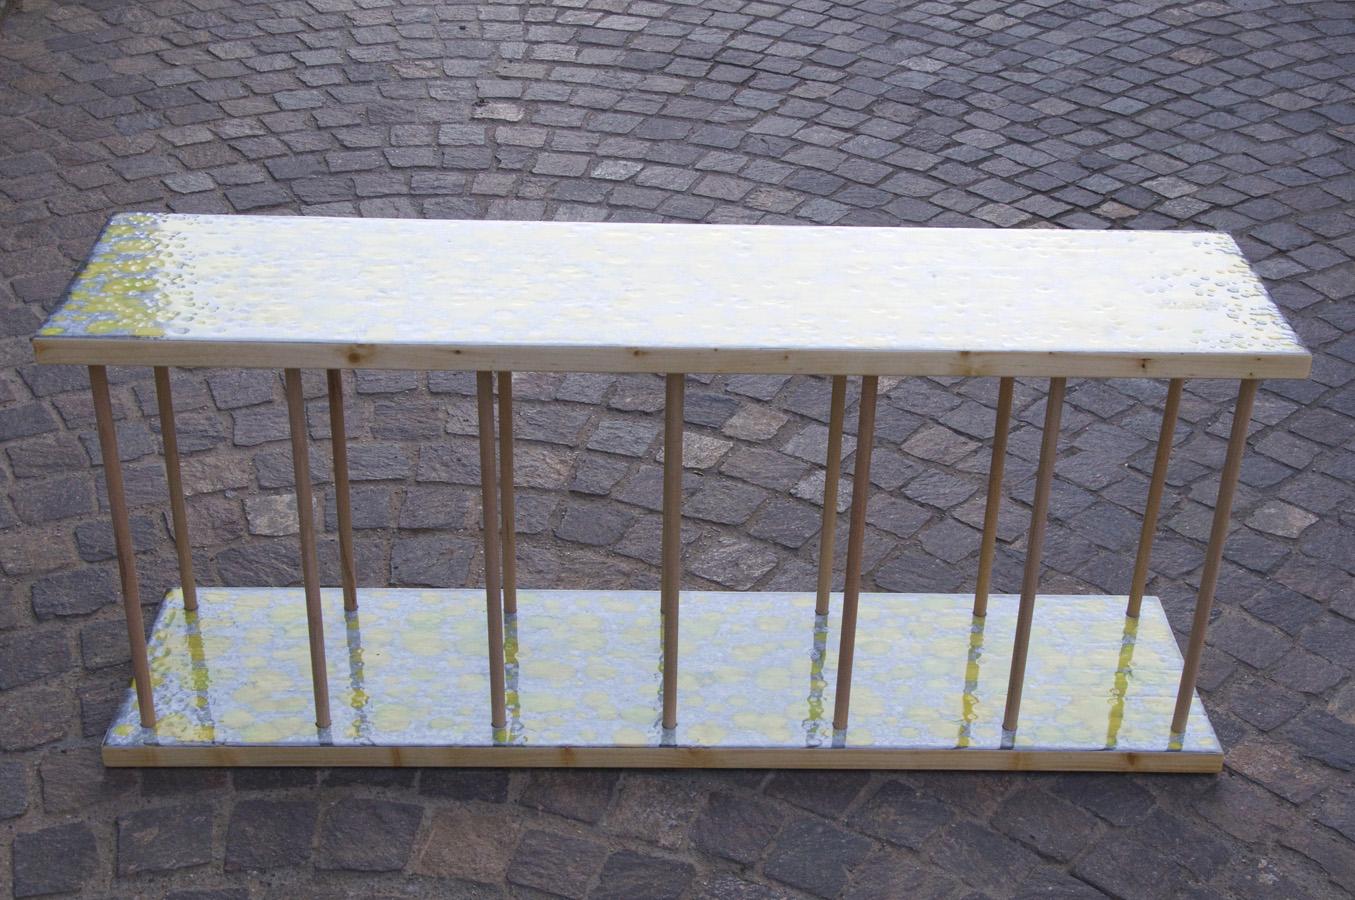 Freydenberg_Table_bench_8.jpg